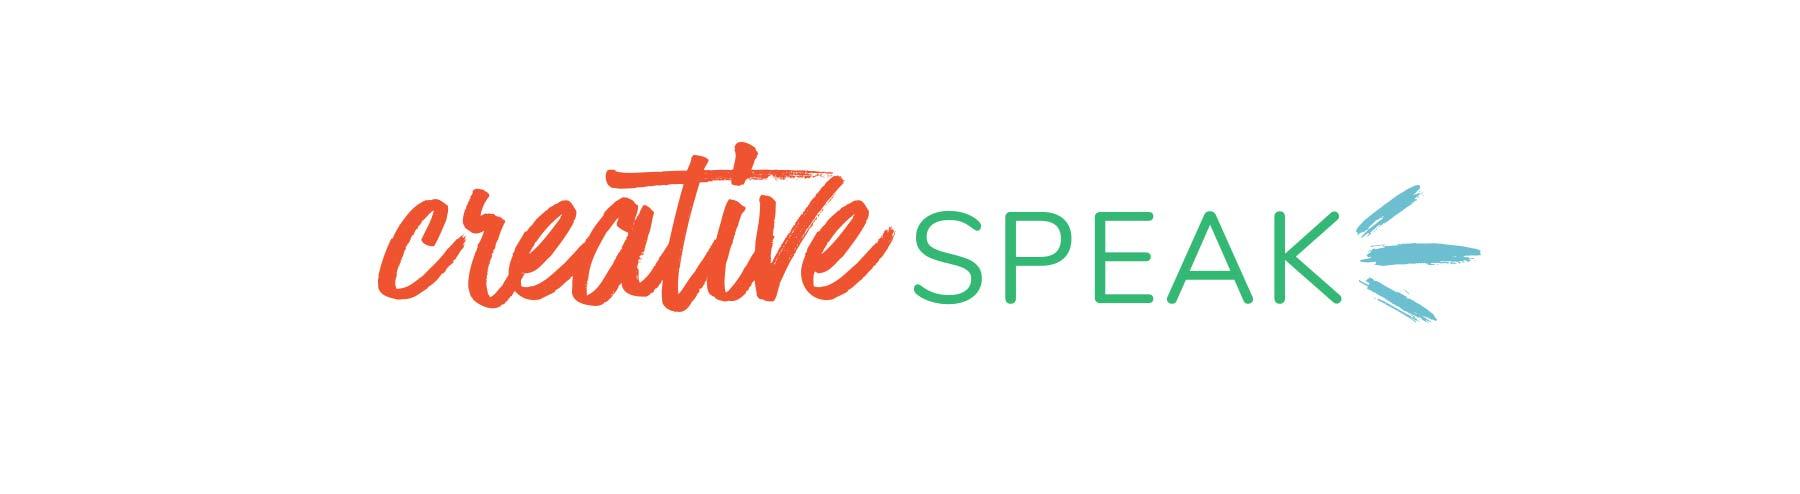 Creative Speak logo